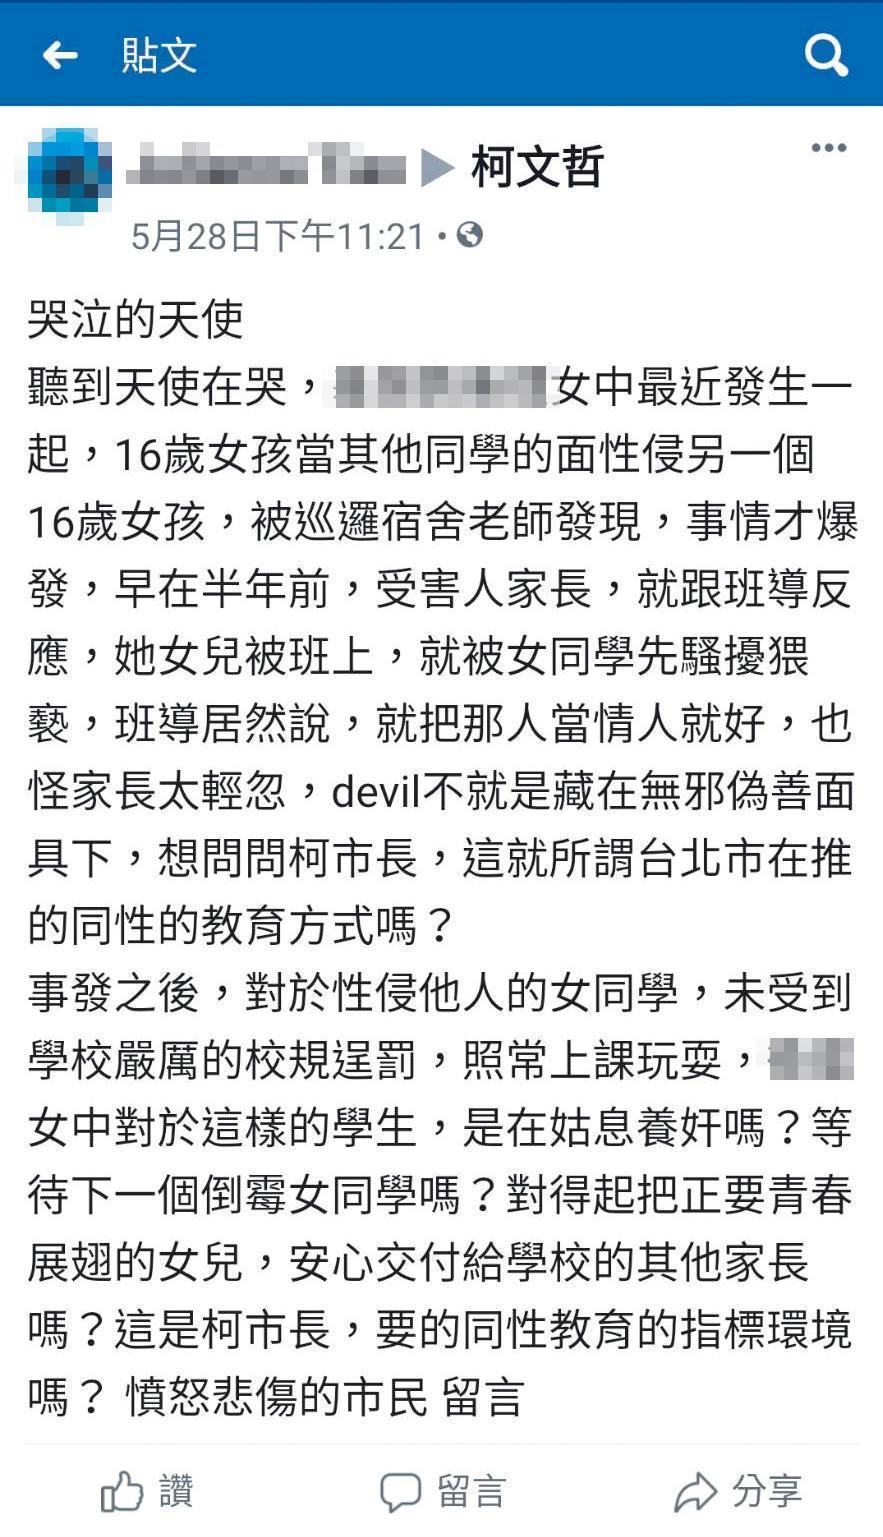 性侵案爆發後,被害學生家長曾在台北市長柯文哲的臉書留言求助。(翻攝柯文哲臉書)